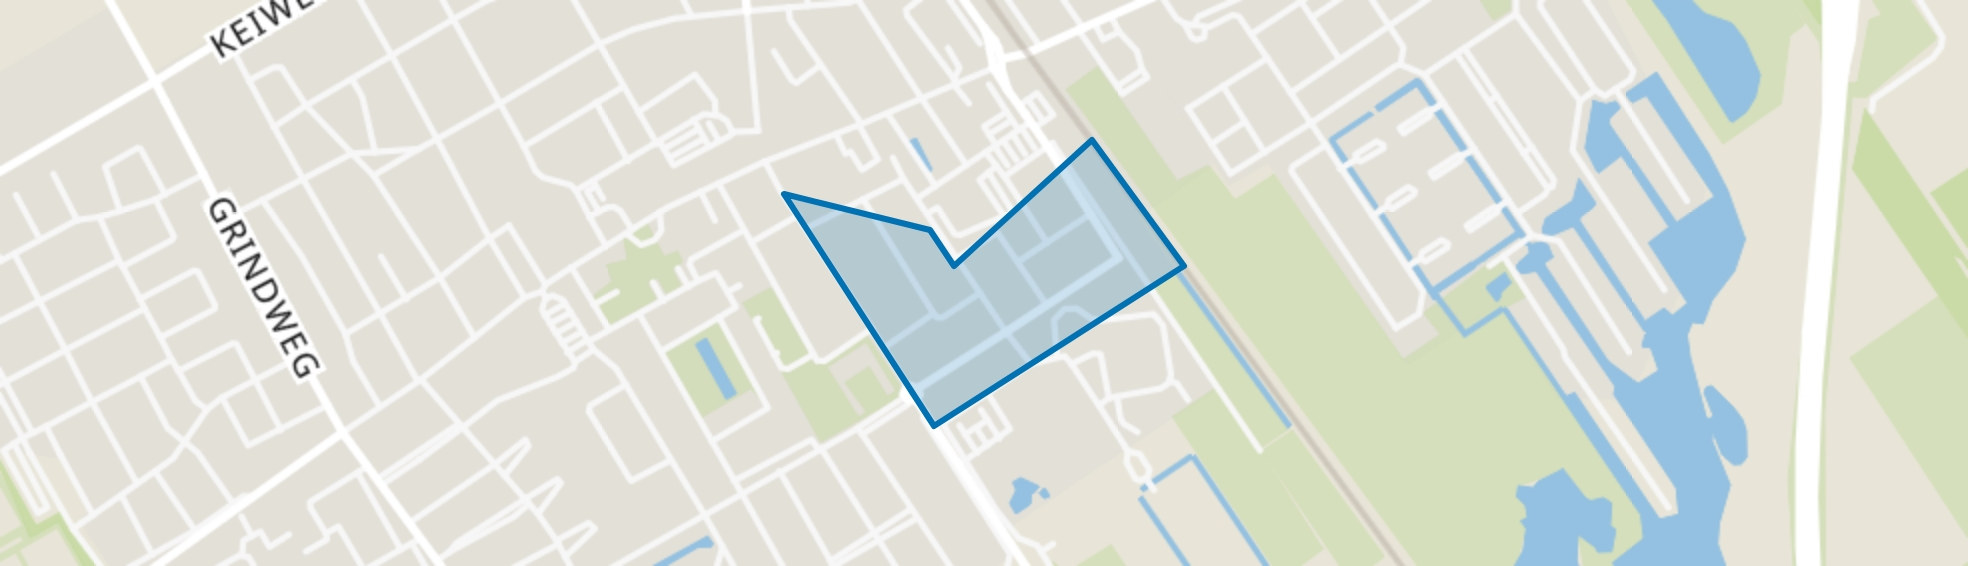 Wolvega-Bloemenbuurt, Wolvega map